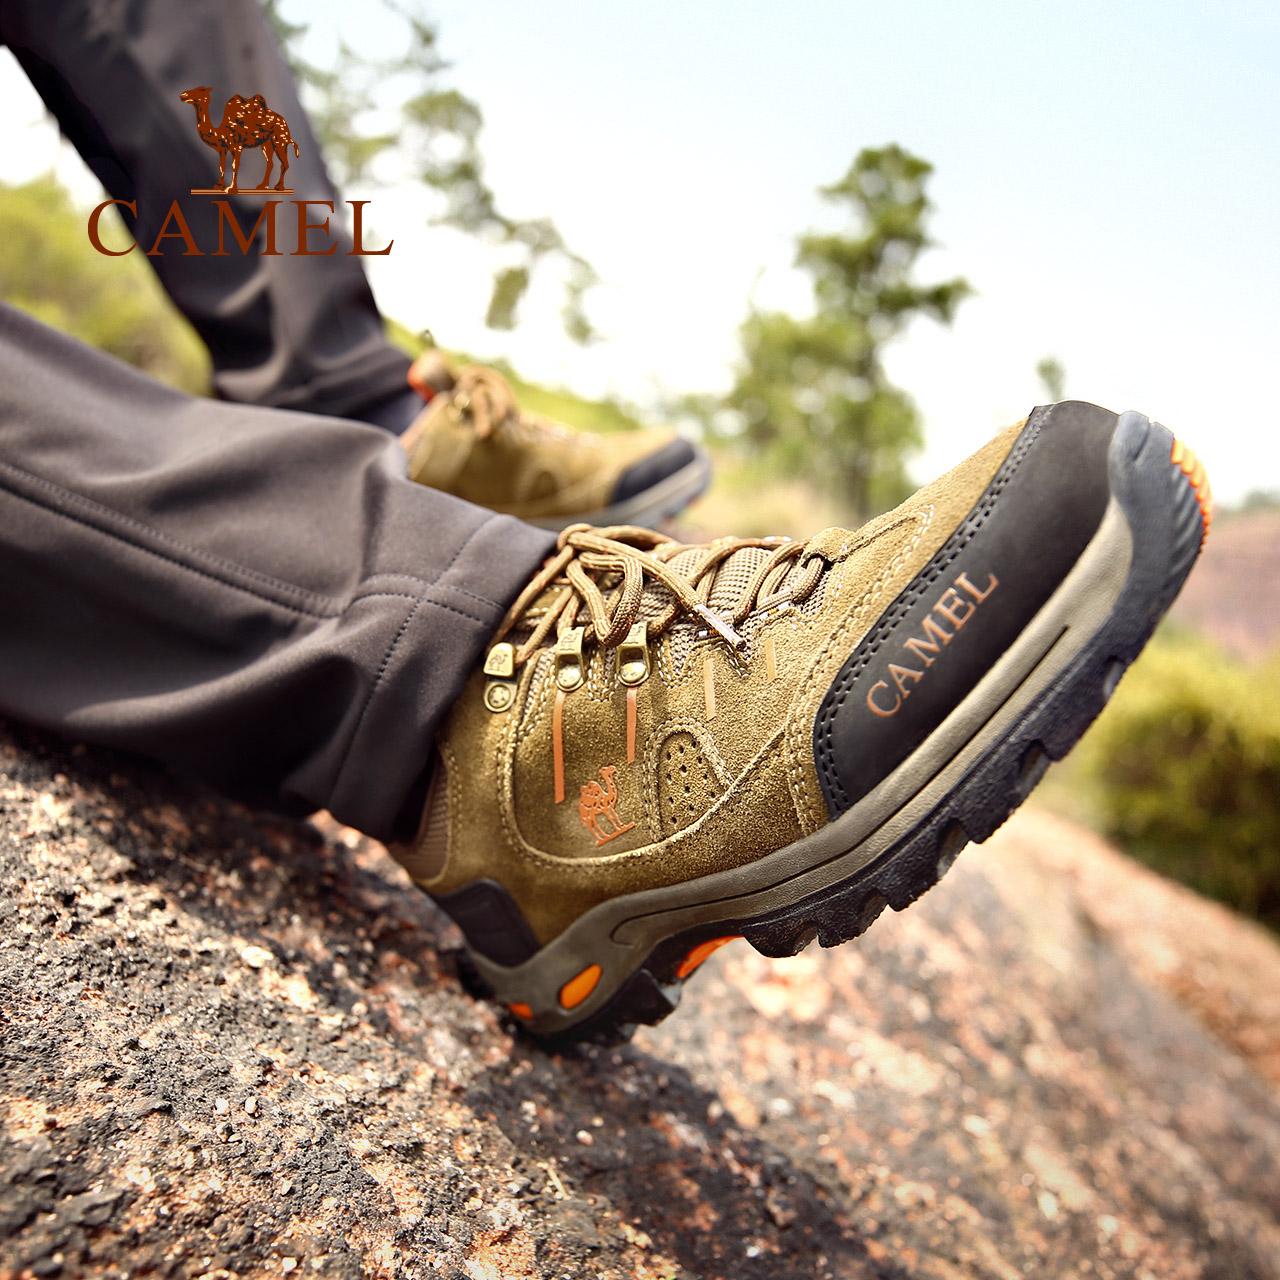 骆驼户外登山鞋男女防滑减震户外鞋低帮牛皮徒步鞋秋冬新款男鞋潮